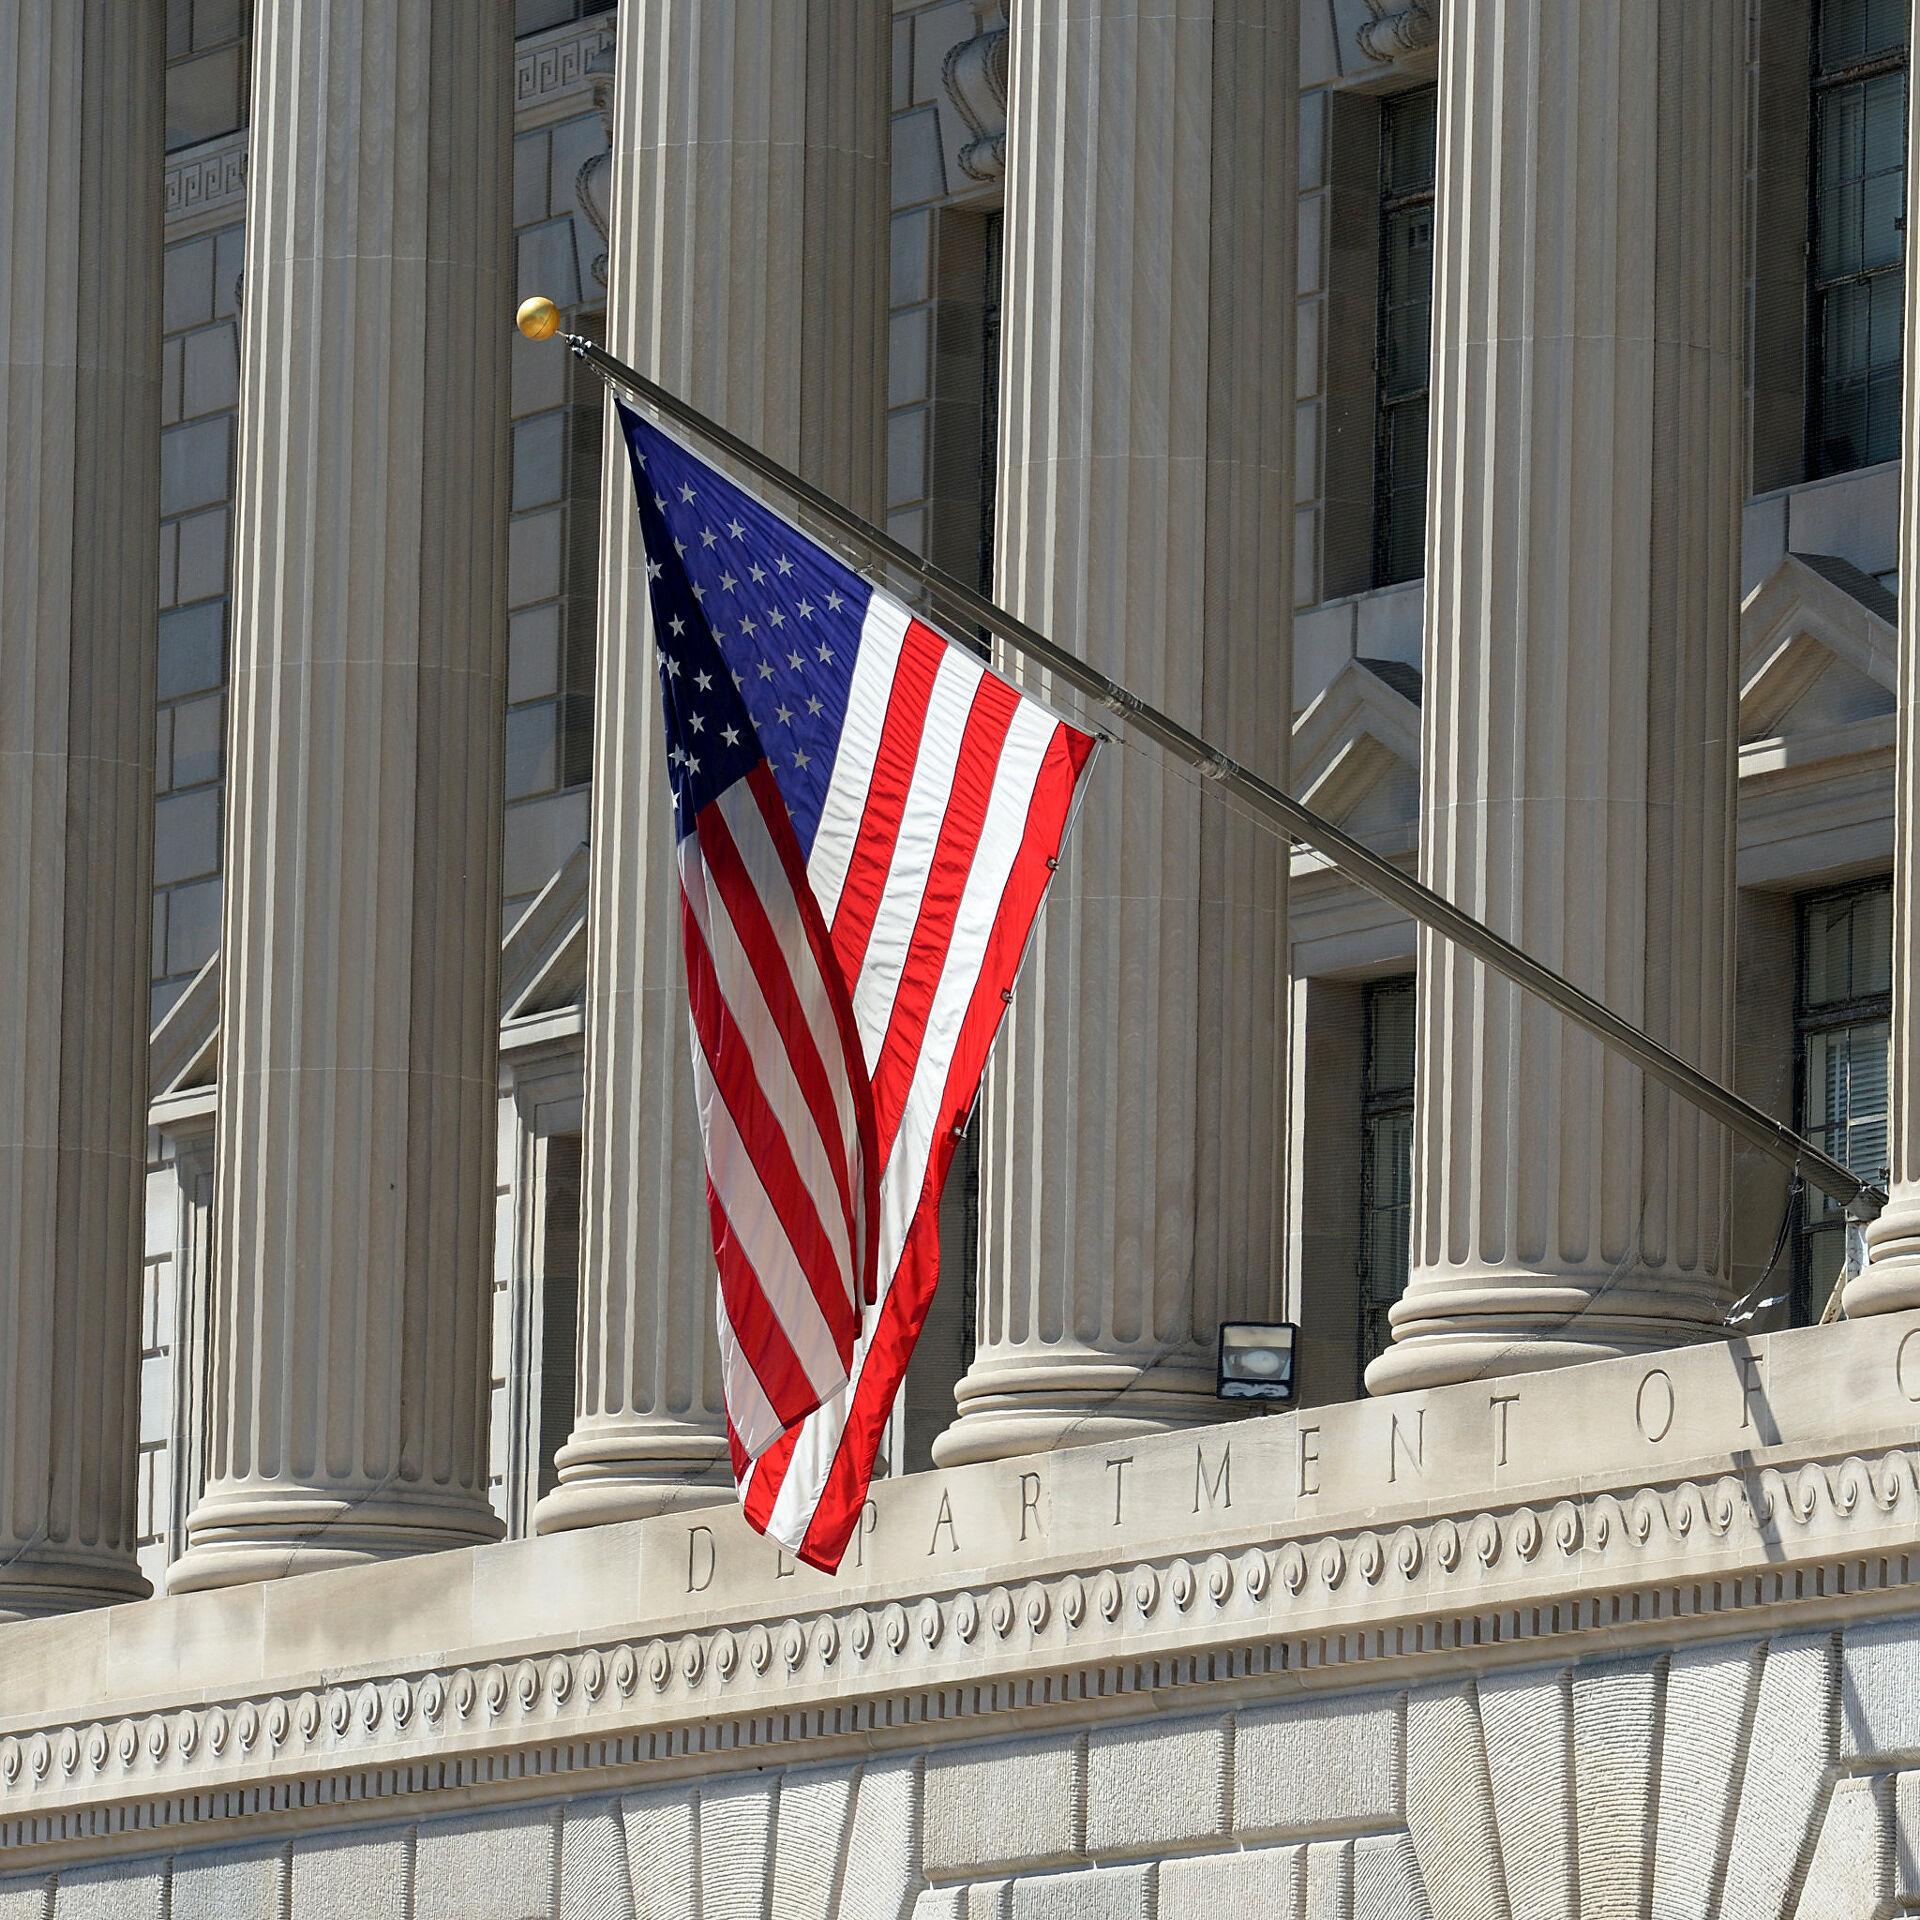 САД: И даље смо одлучни да предузмемо све неопходне и пропорционалне кораке за заустављање гасовода који представља претњу за националне интересе европских савезника